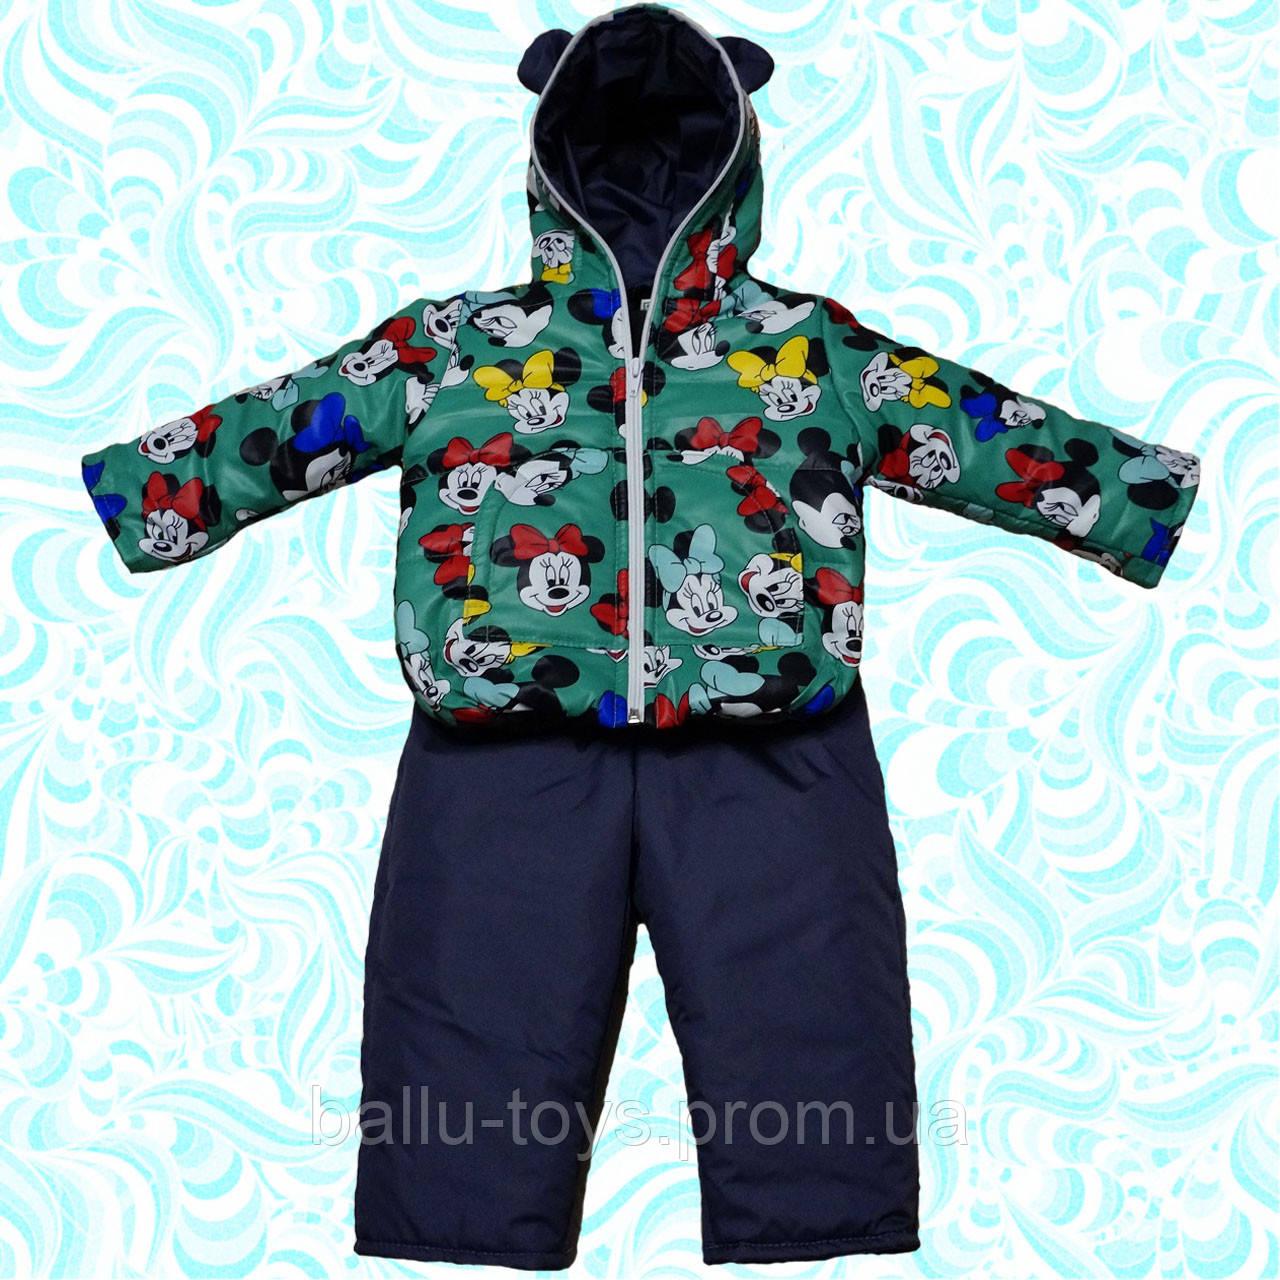 Теплый осенний костюм на девочку Минни (9 мес-2,5 лет) - Интернет магазин Irinka в Харькове